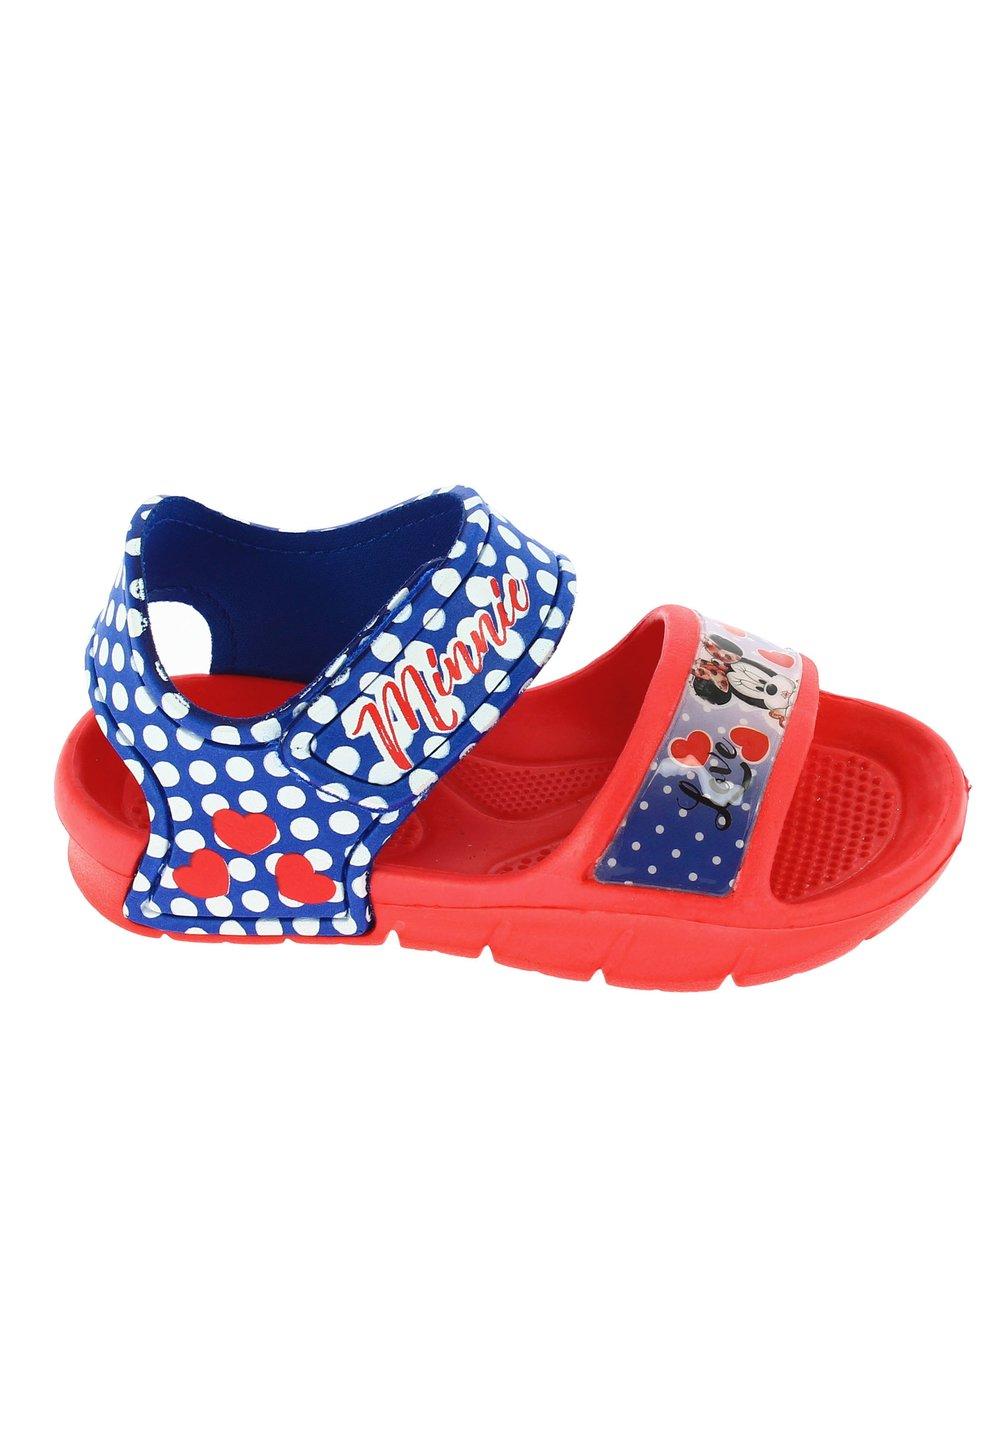 Sandale, Love Minnie, rosii cu buline imagine